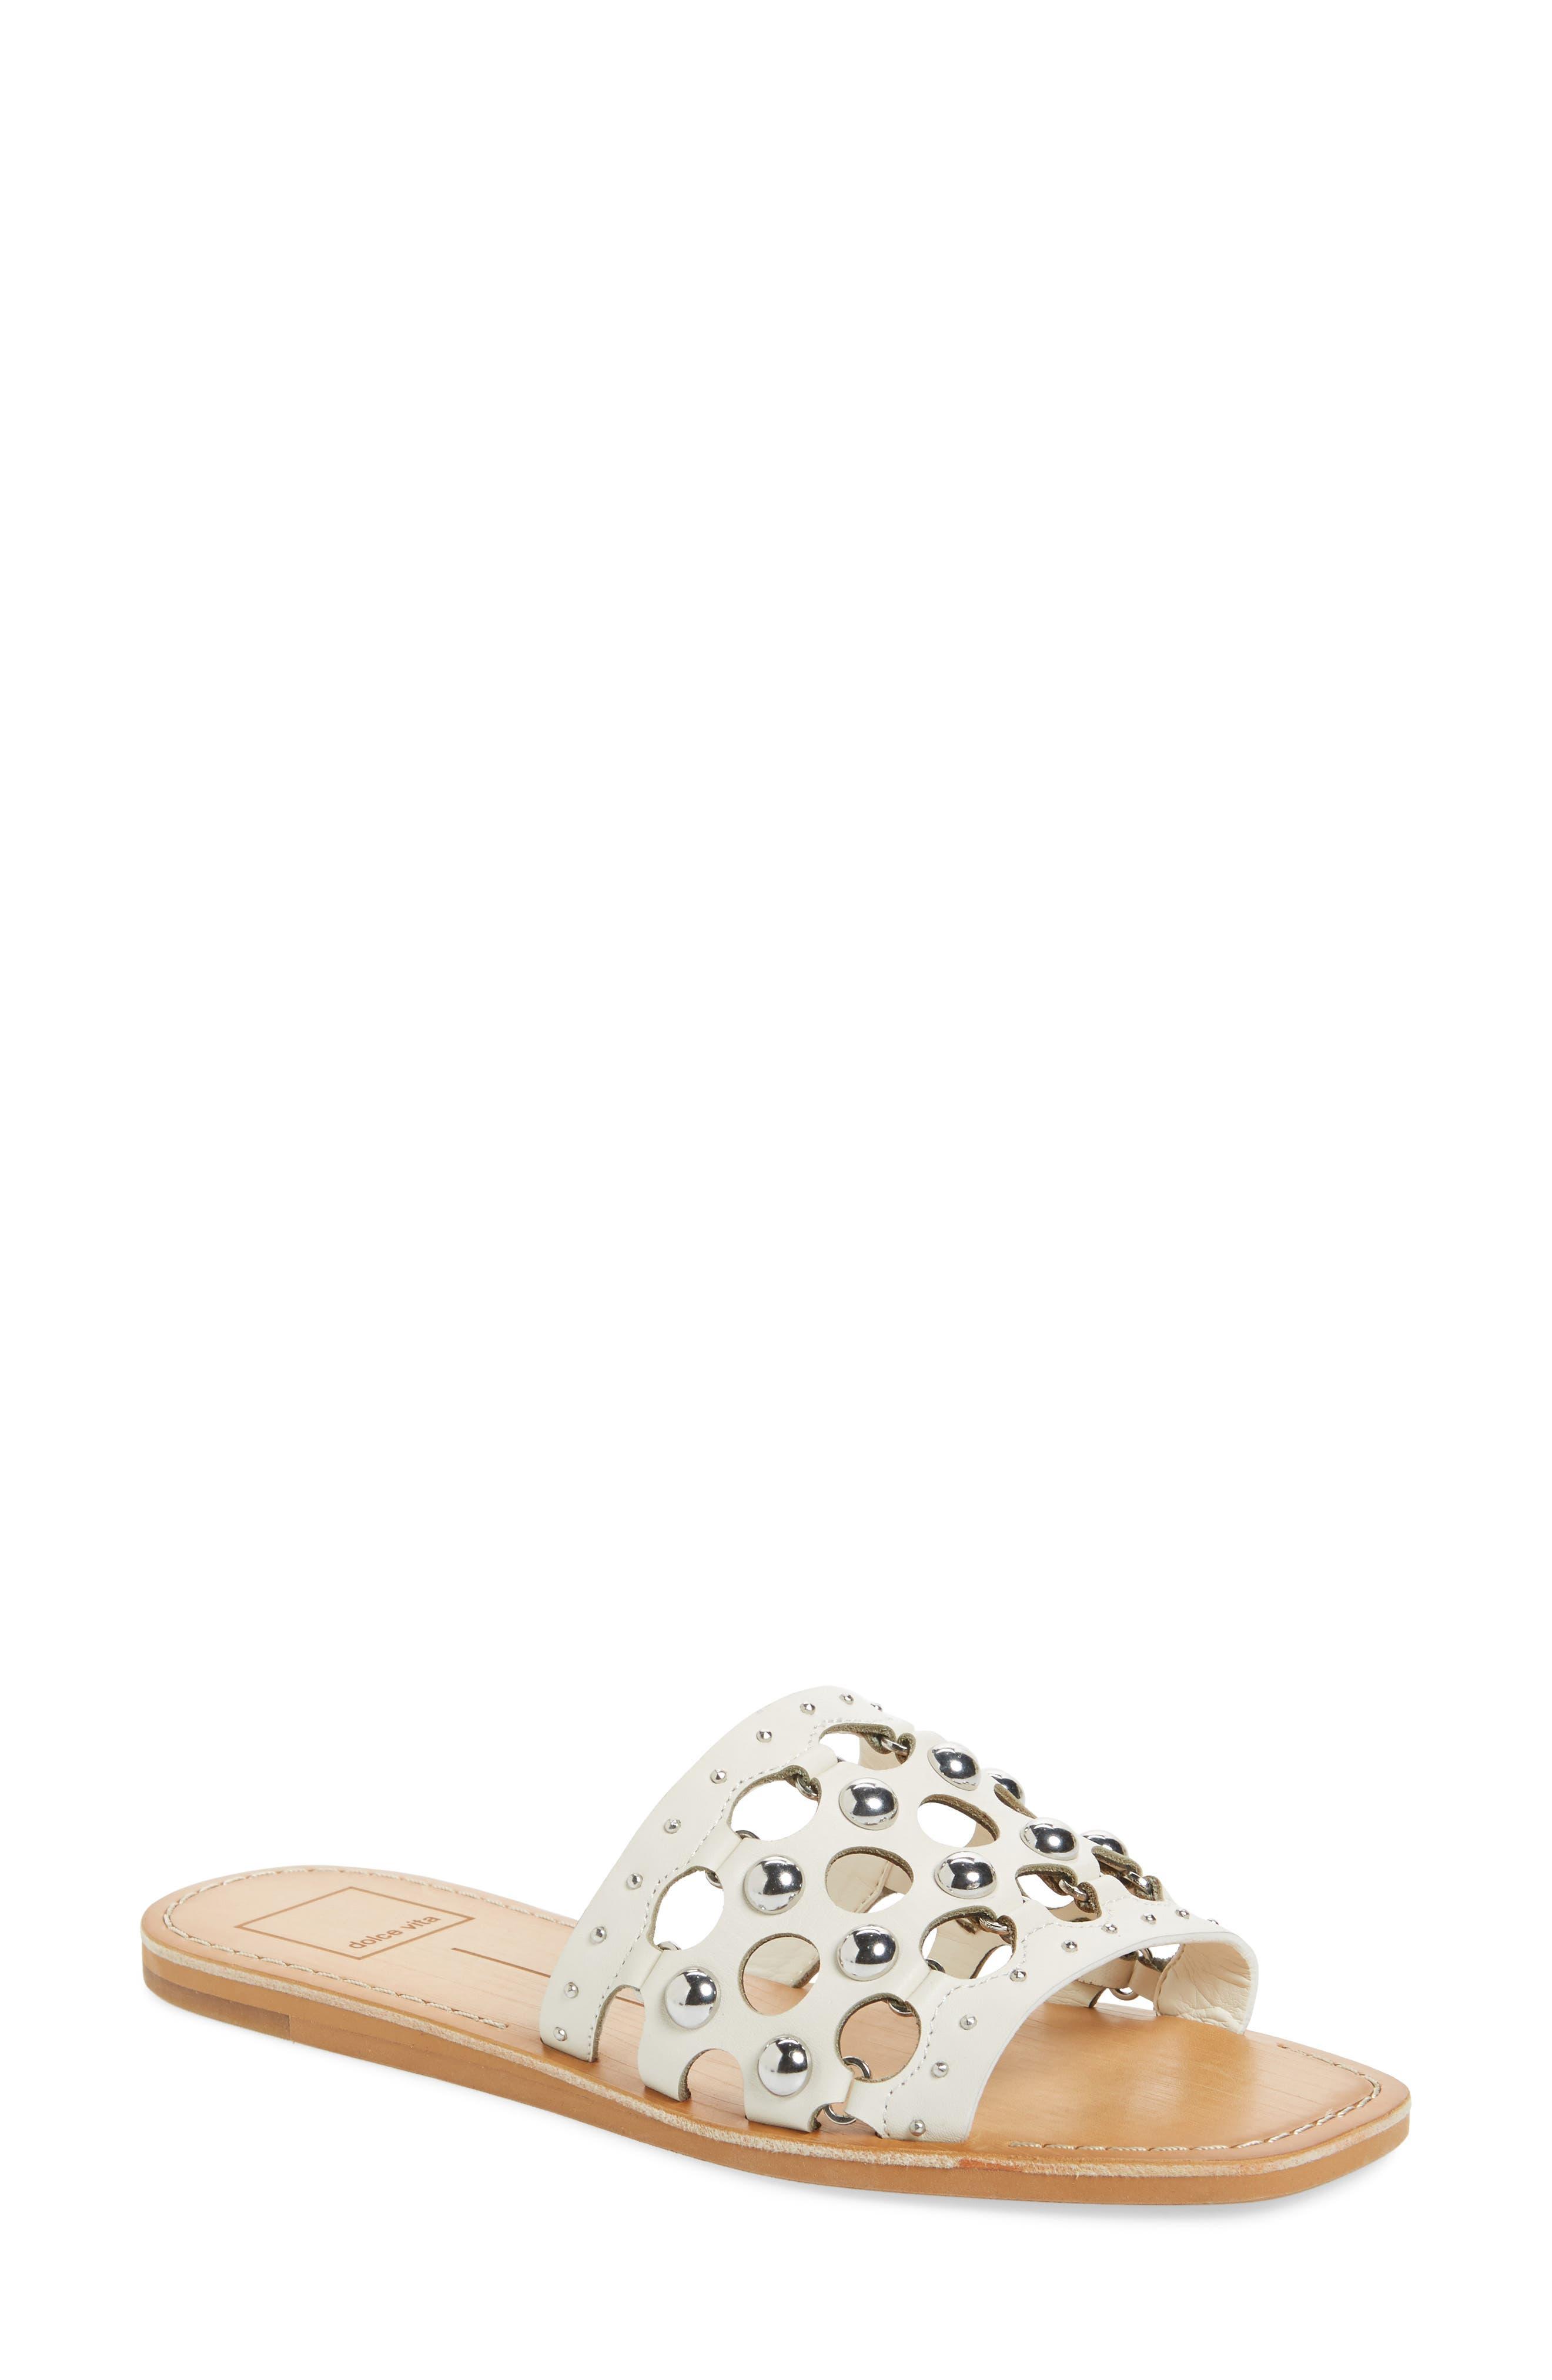 Celita Perforated Studded Slide Sandal,                             Main thumbnail 1, color,                             White